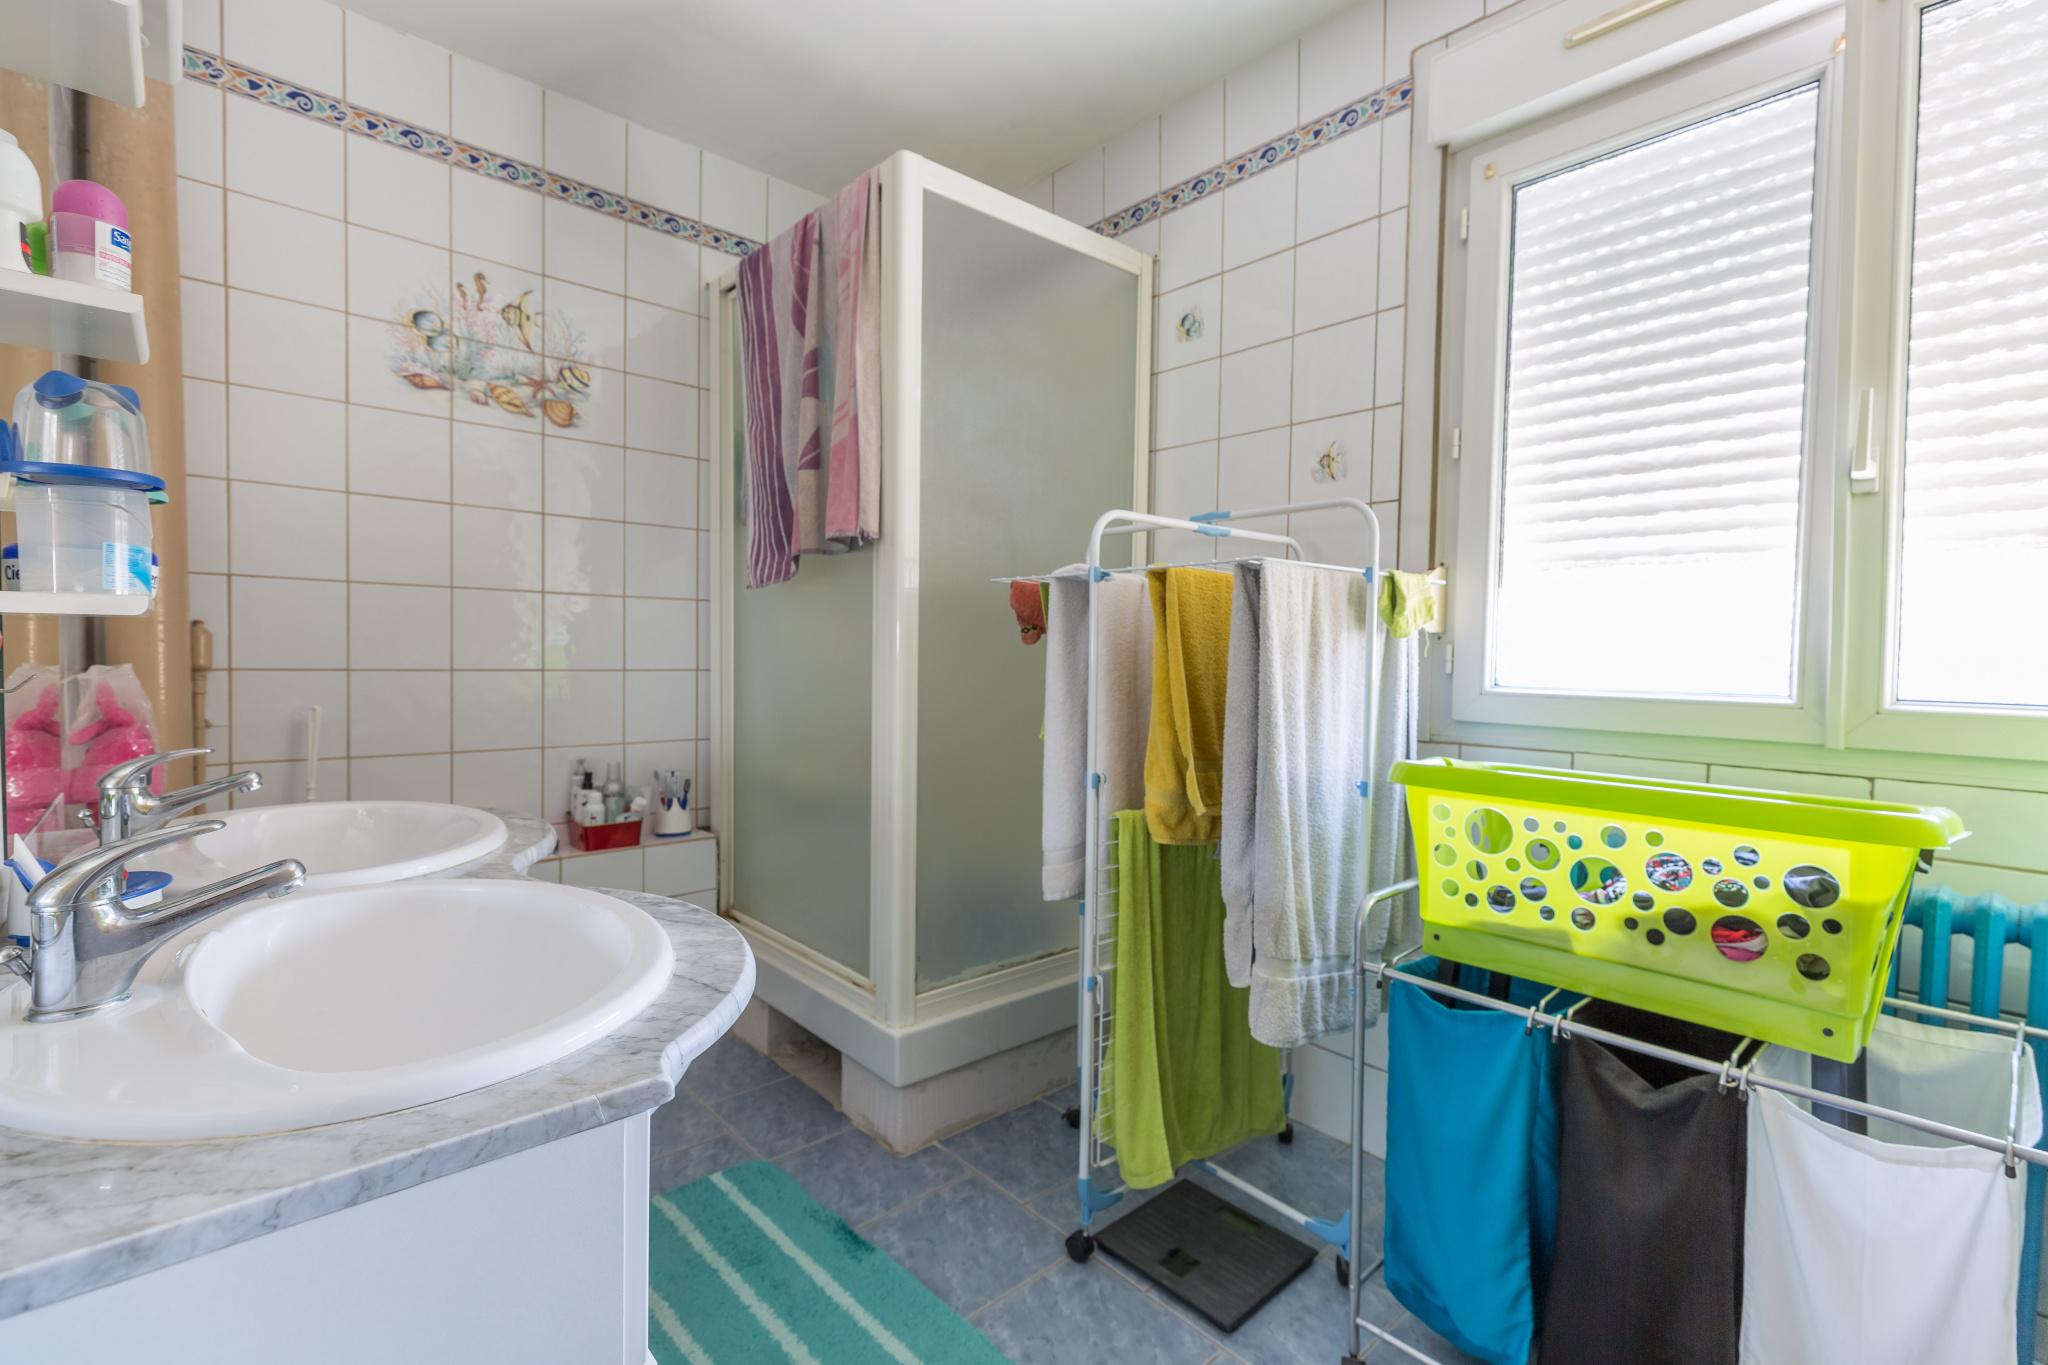 Maison clouange salle de bain